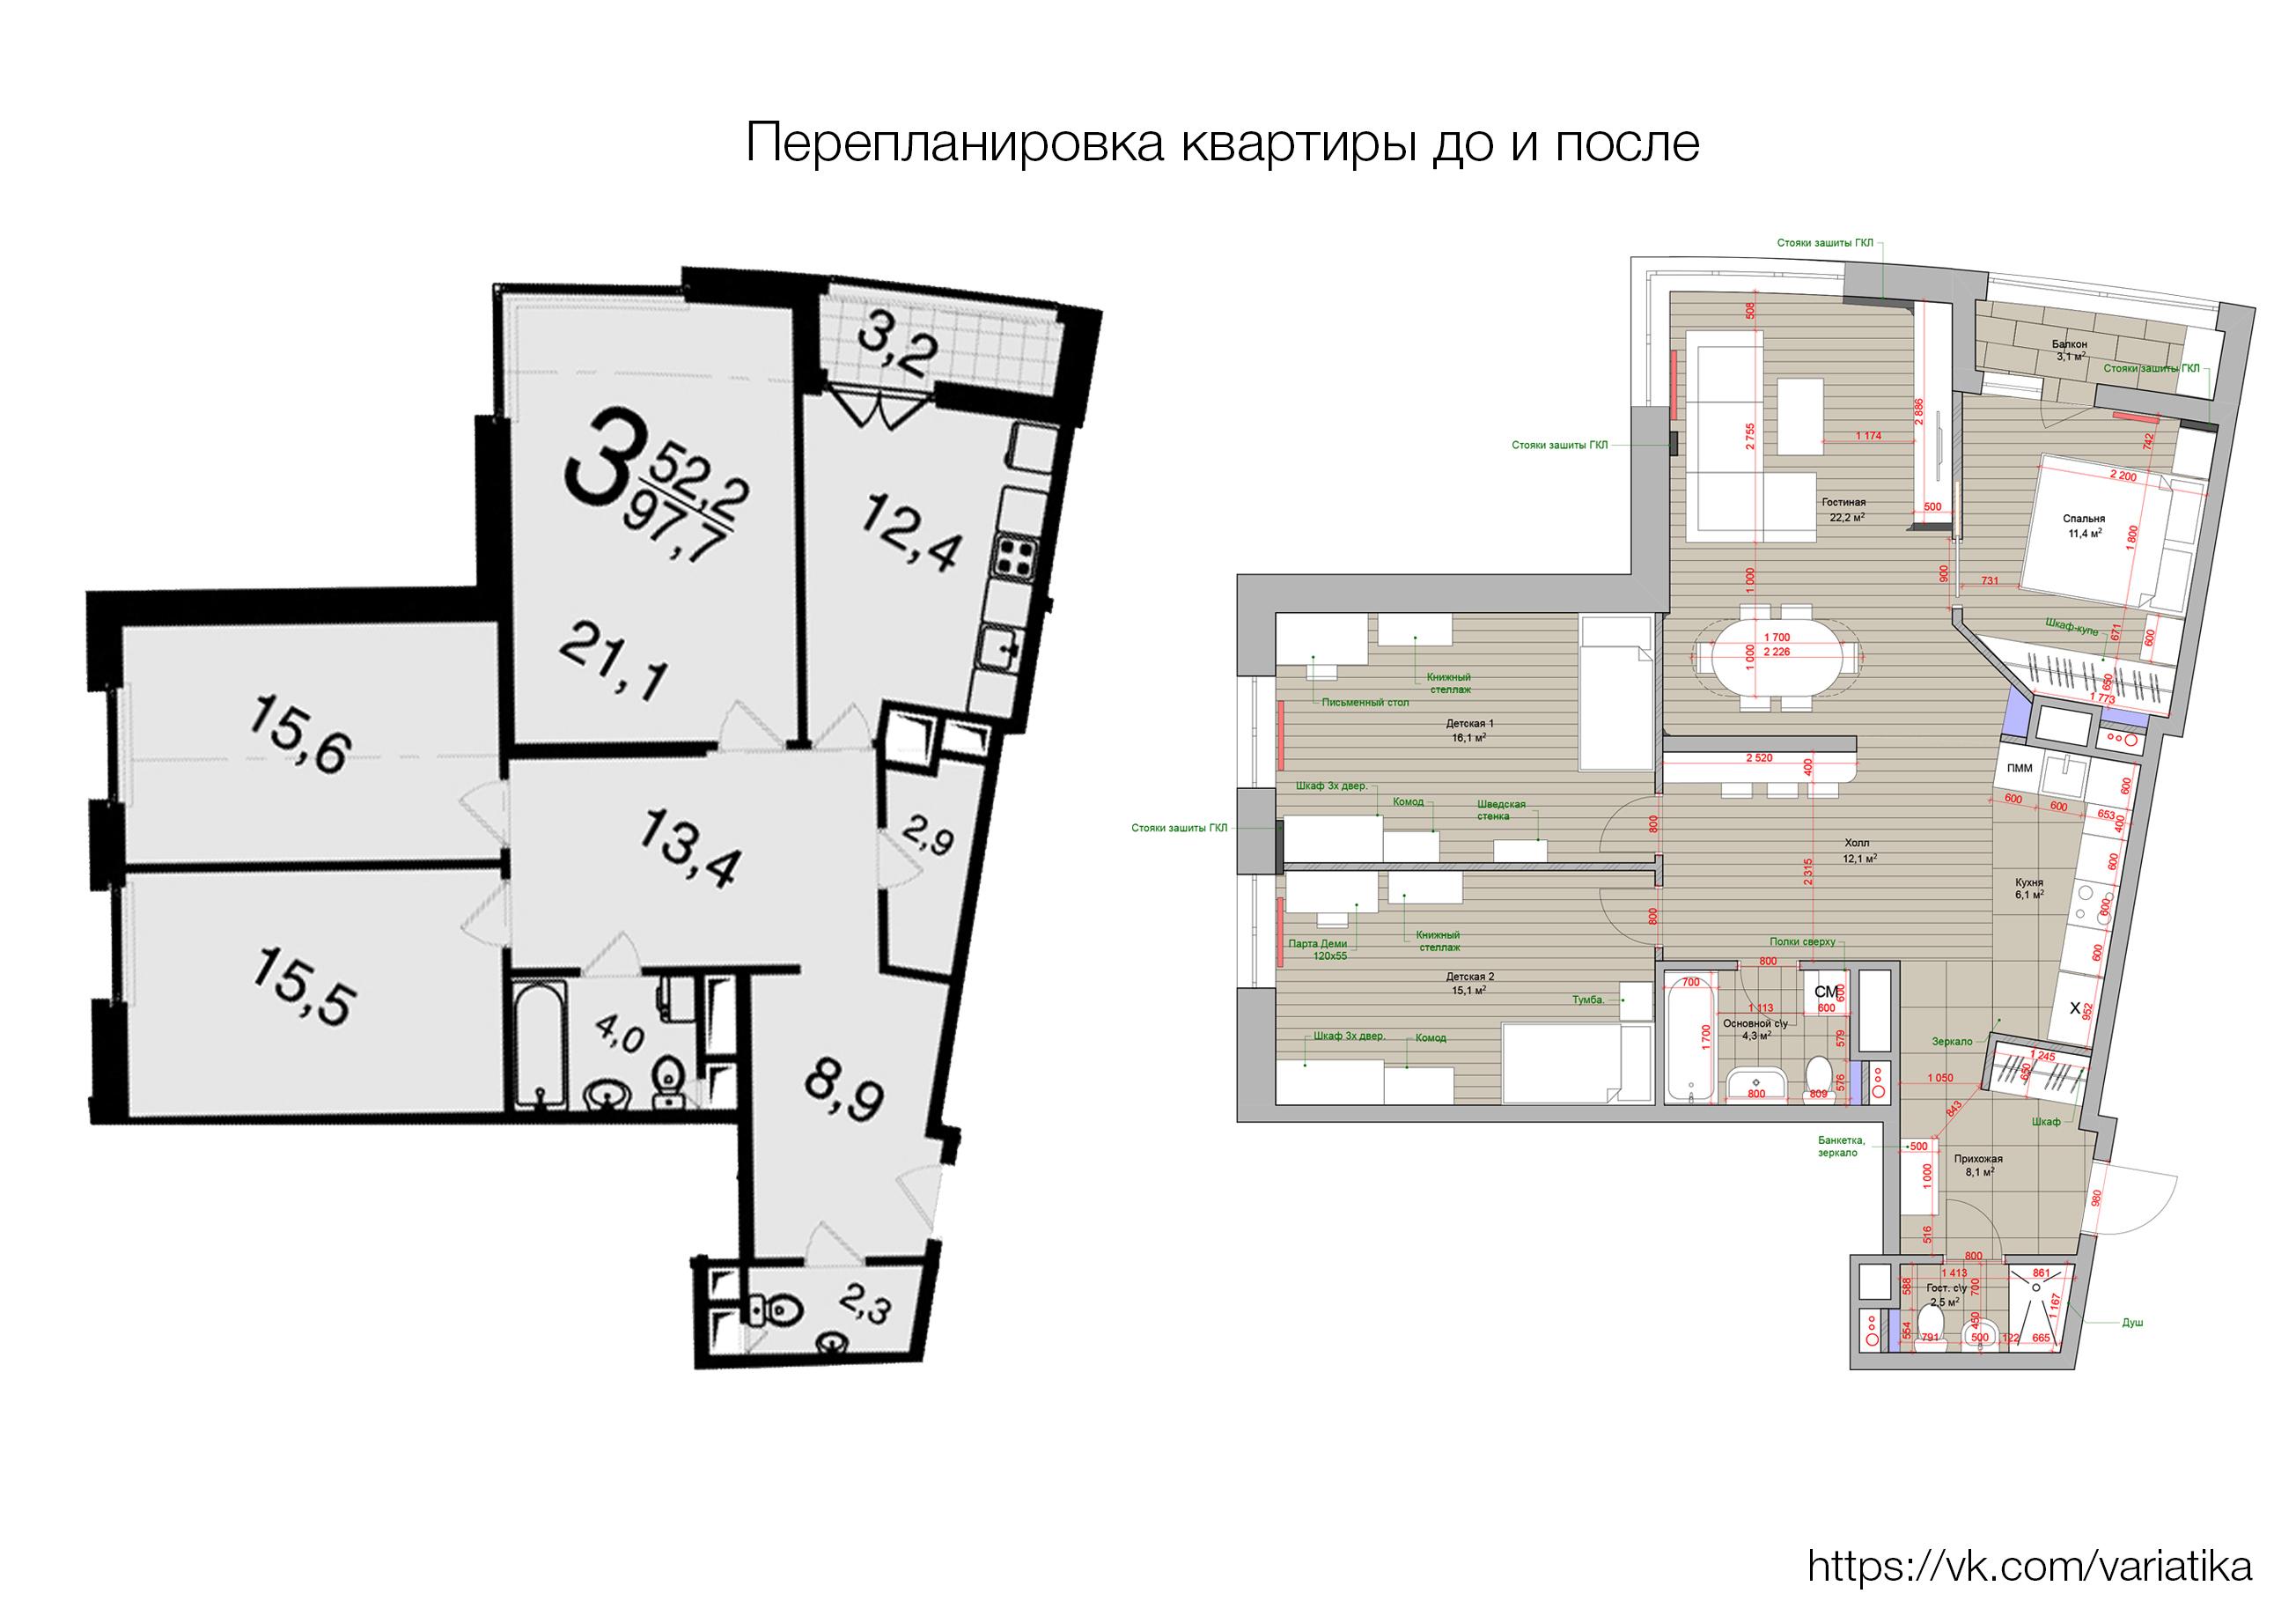 Перепланировка квартиры по всем правилам..